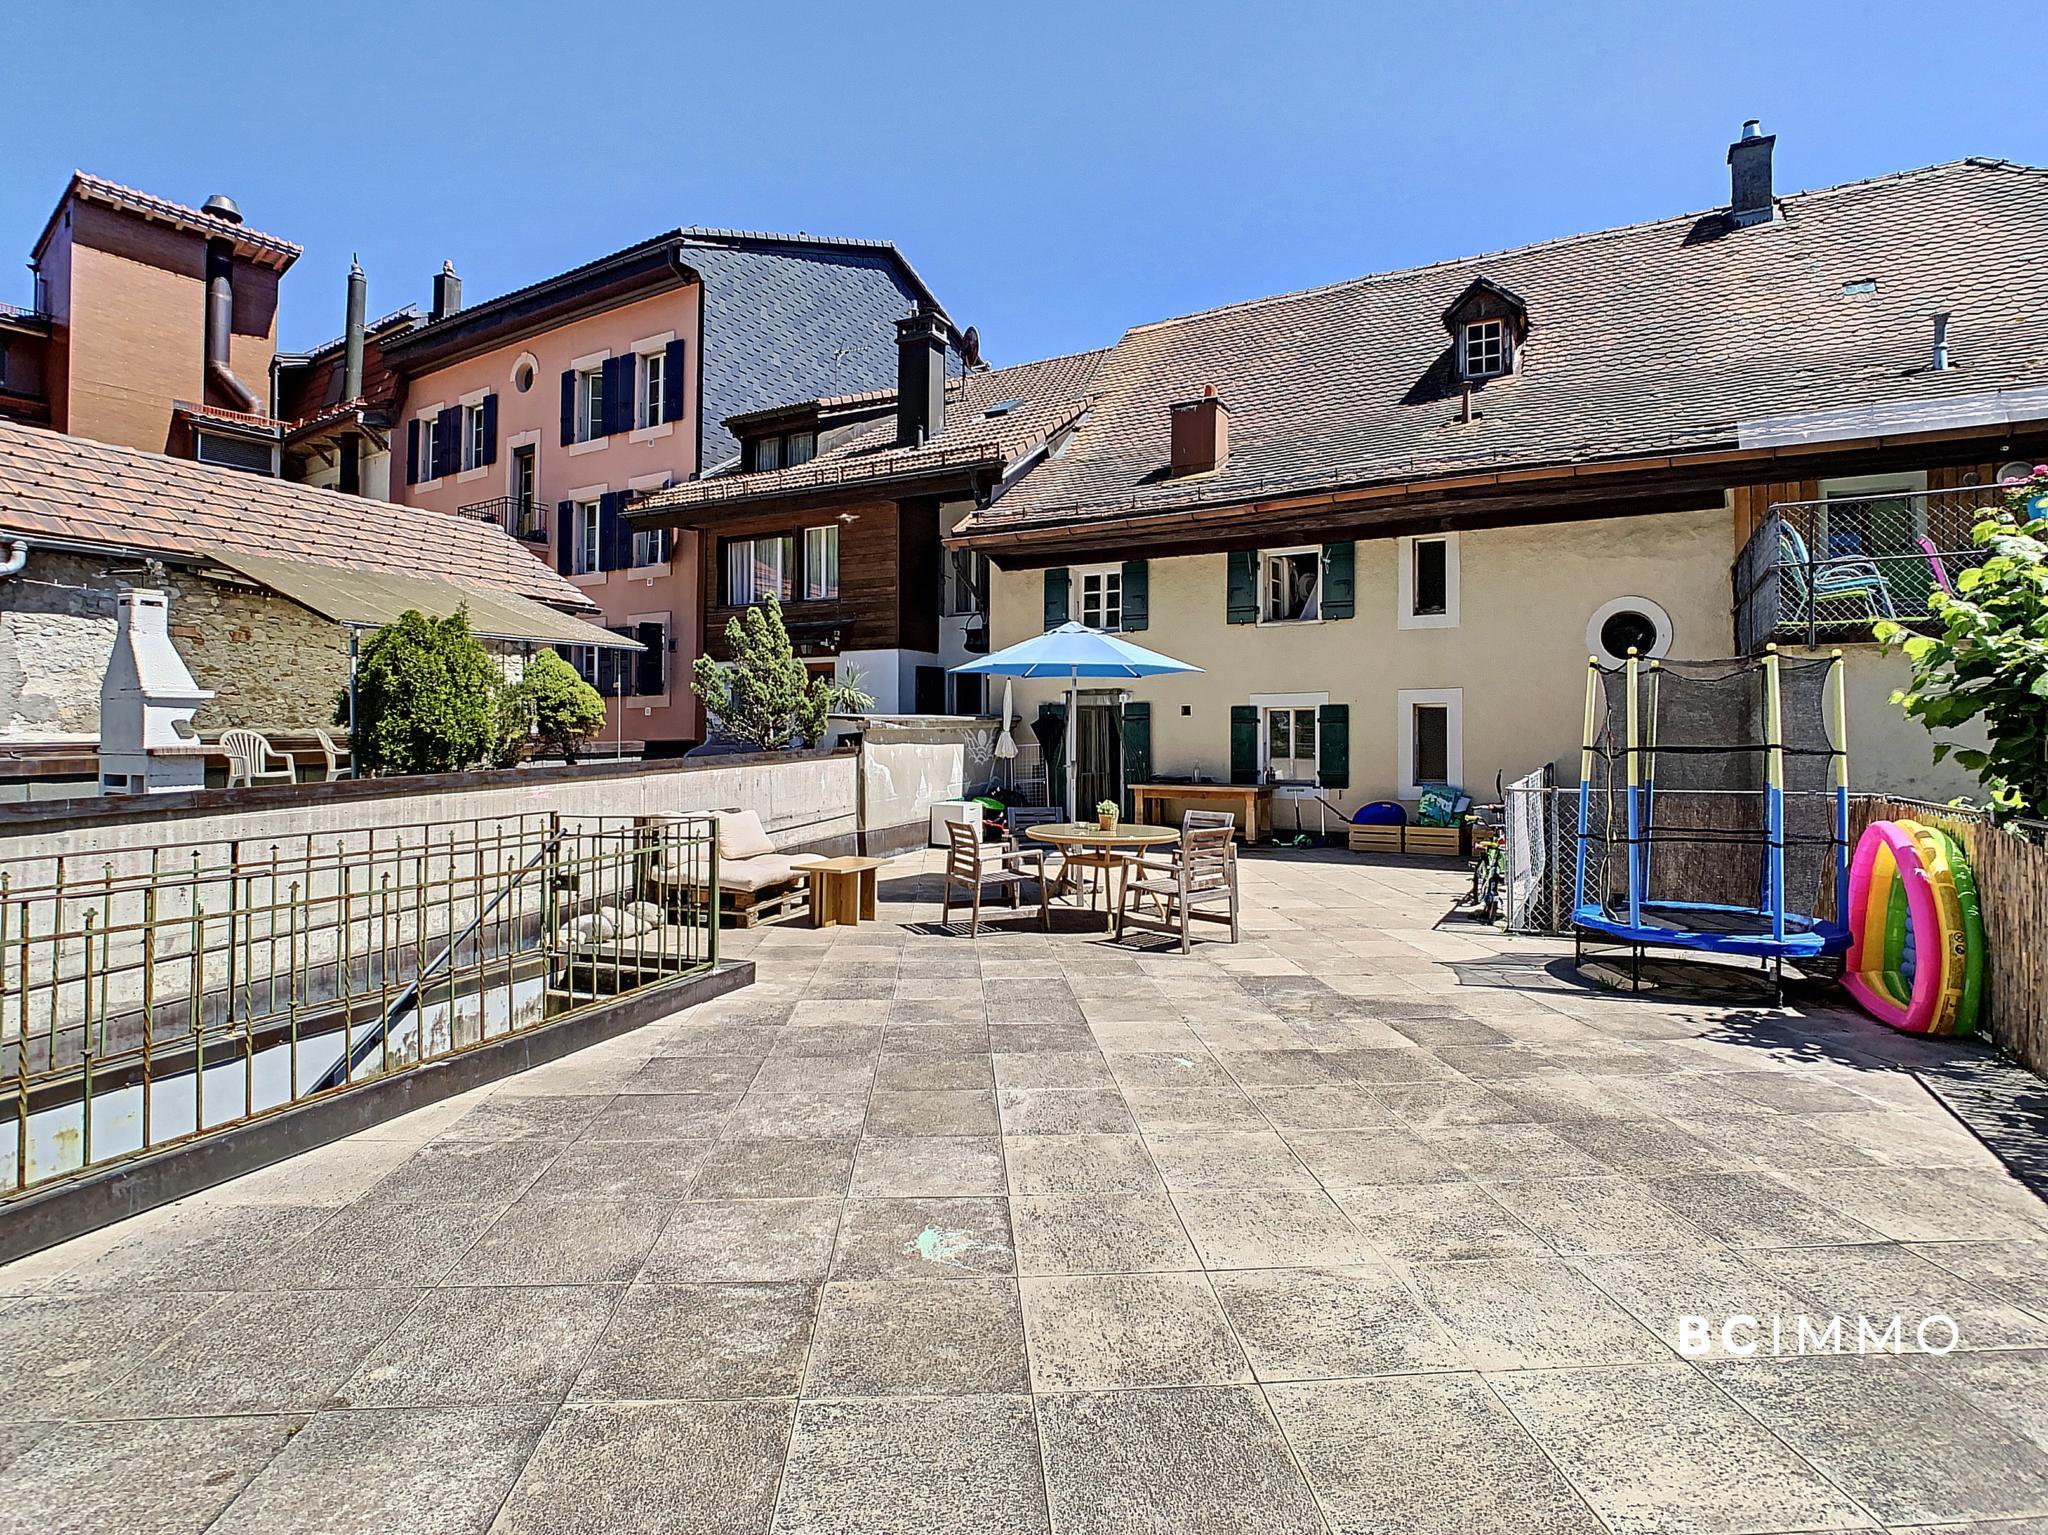 BC Immo - Immeuble mixte au centre du village - M-20-1660147